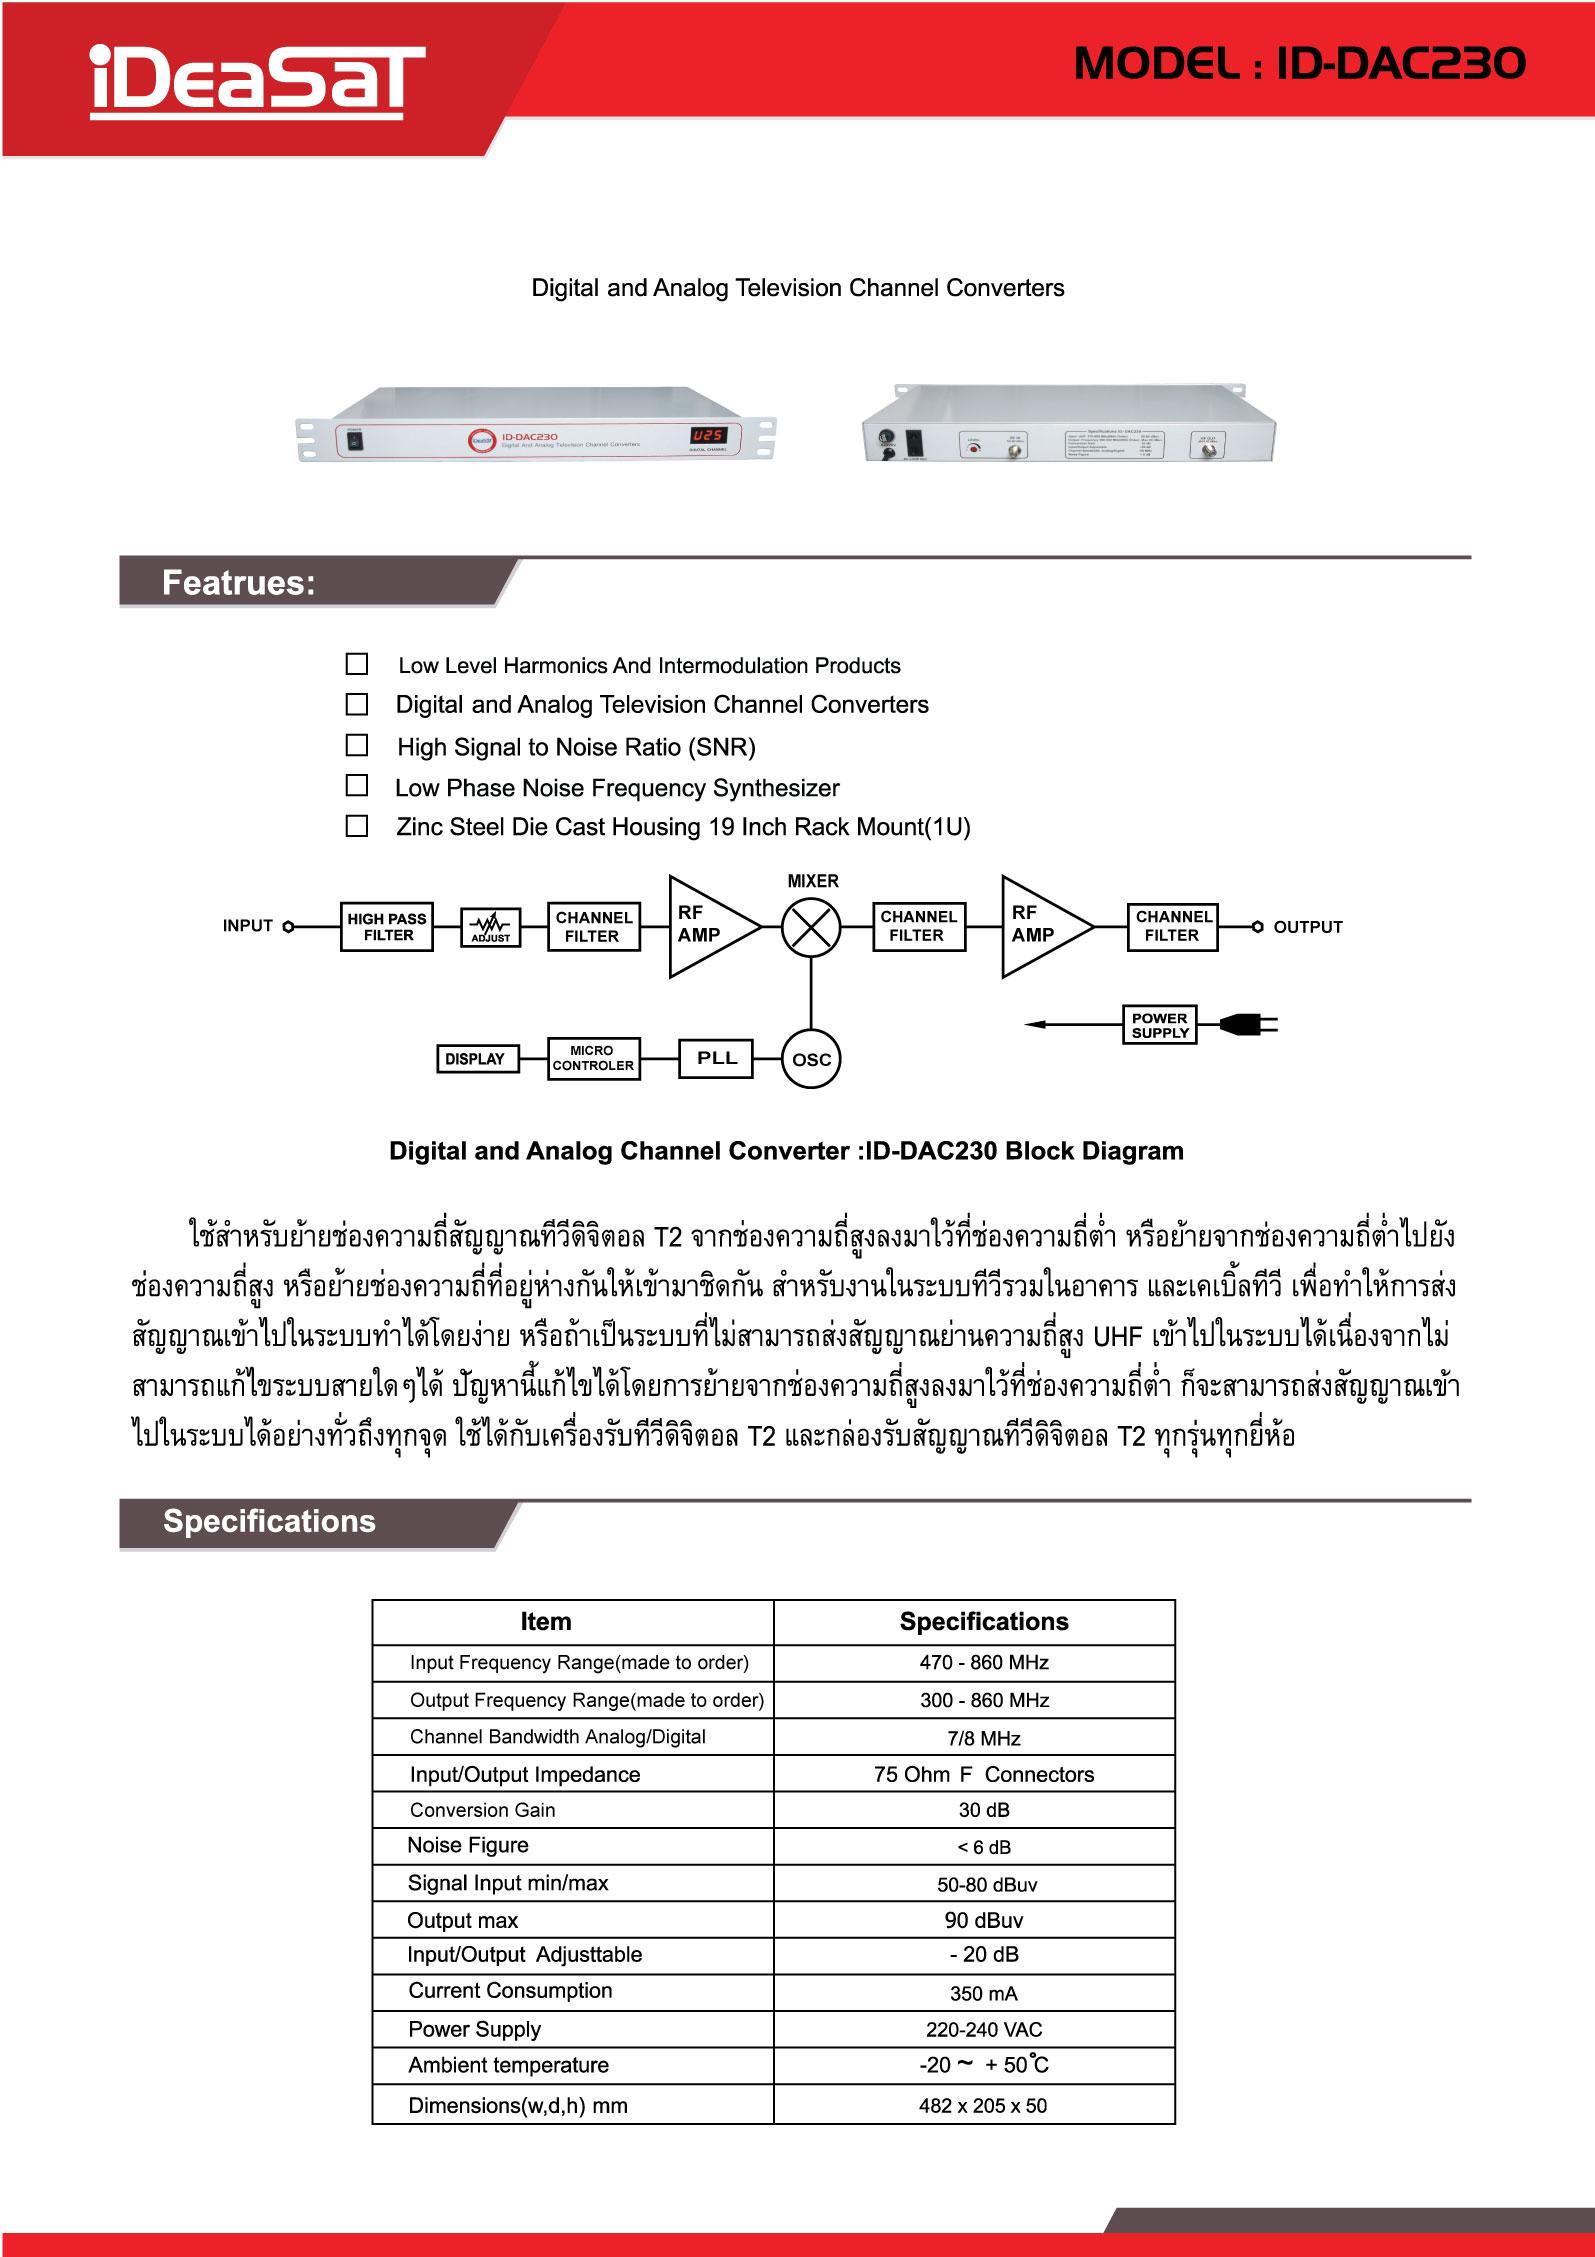 ID-DAC230